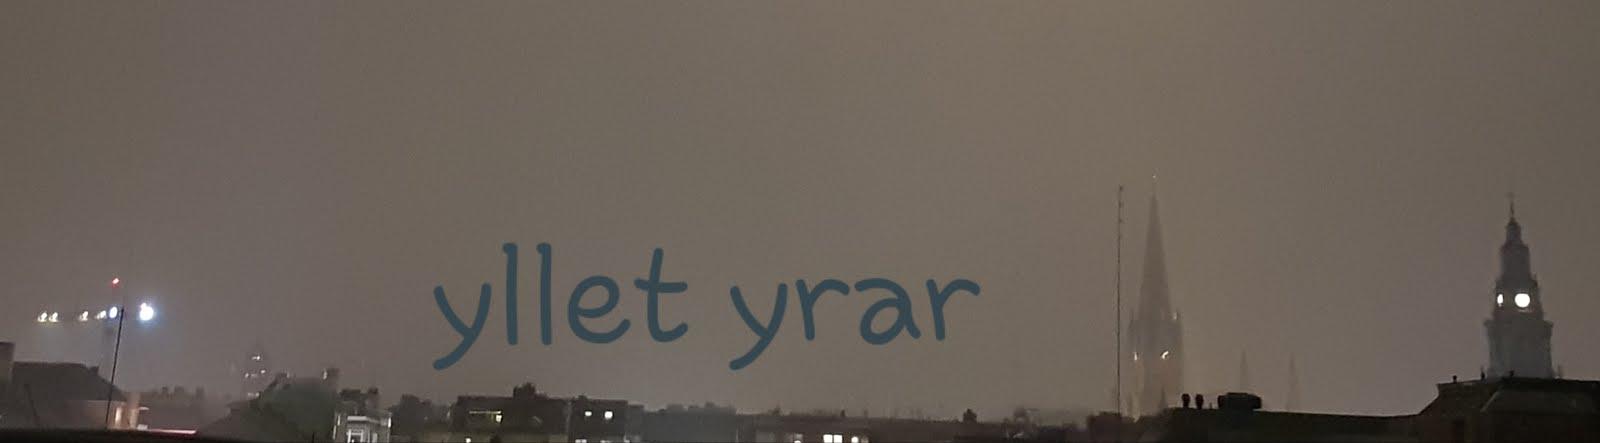 Yllet Yrar